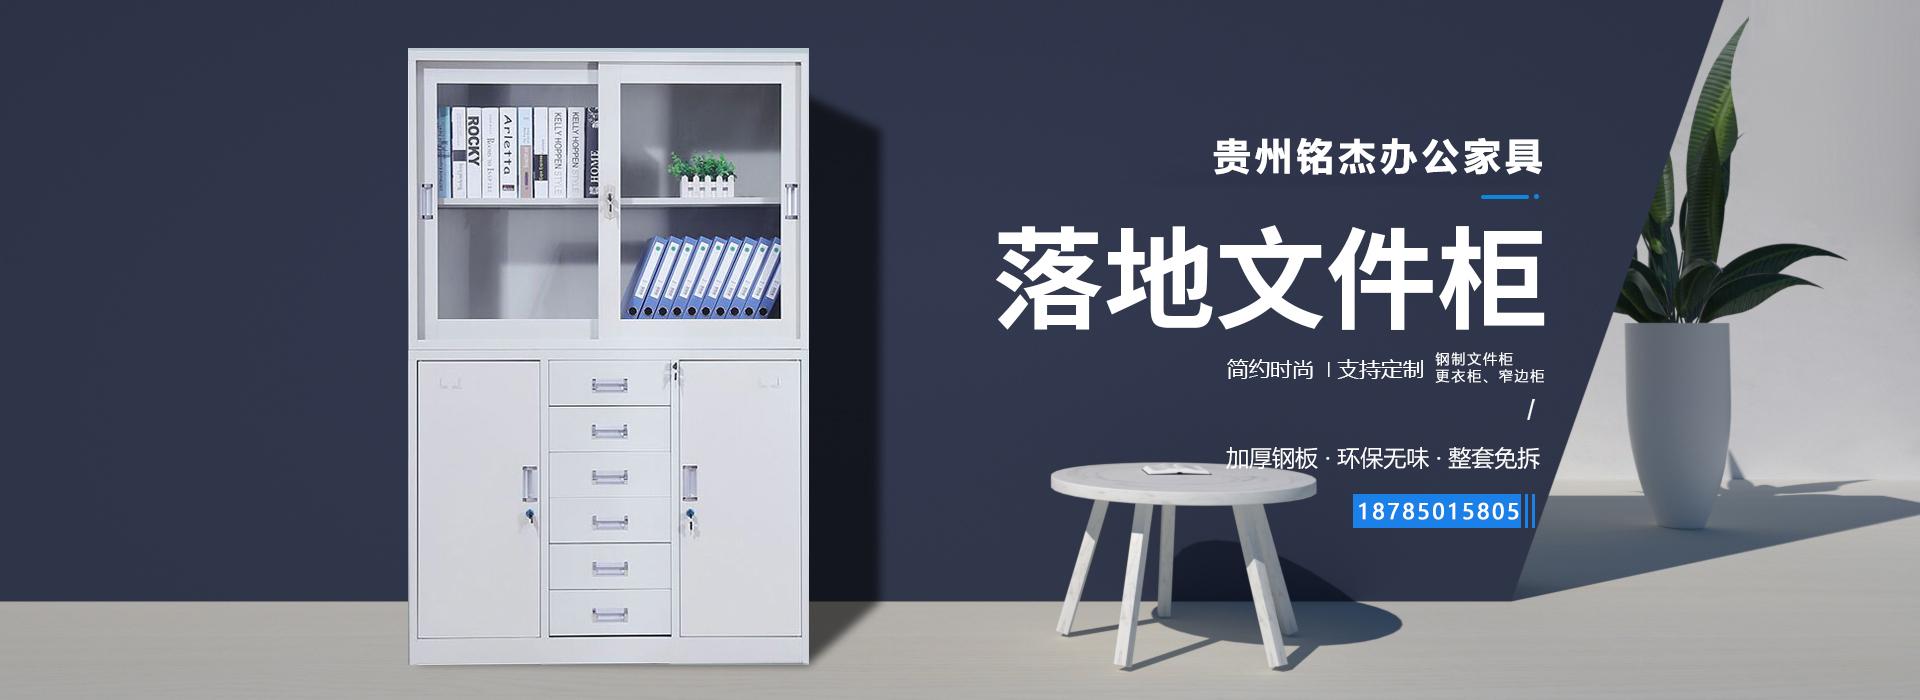 贵州文件柜销售公司